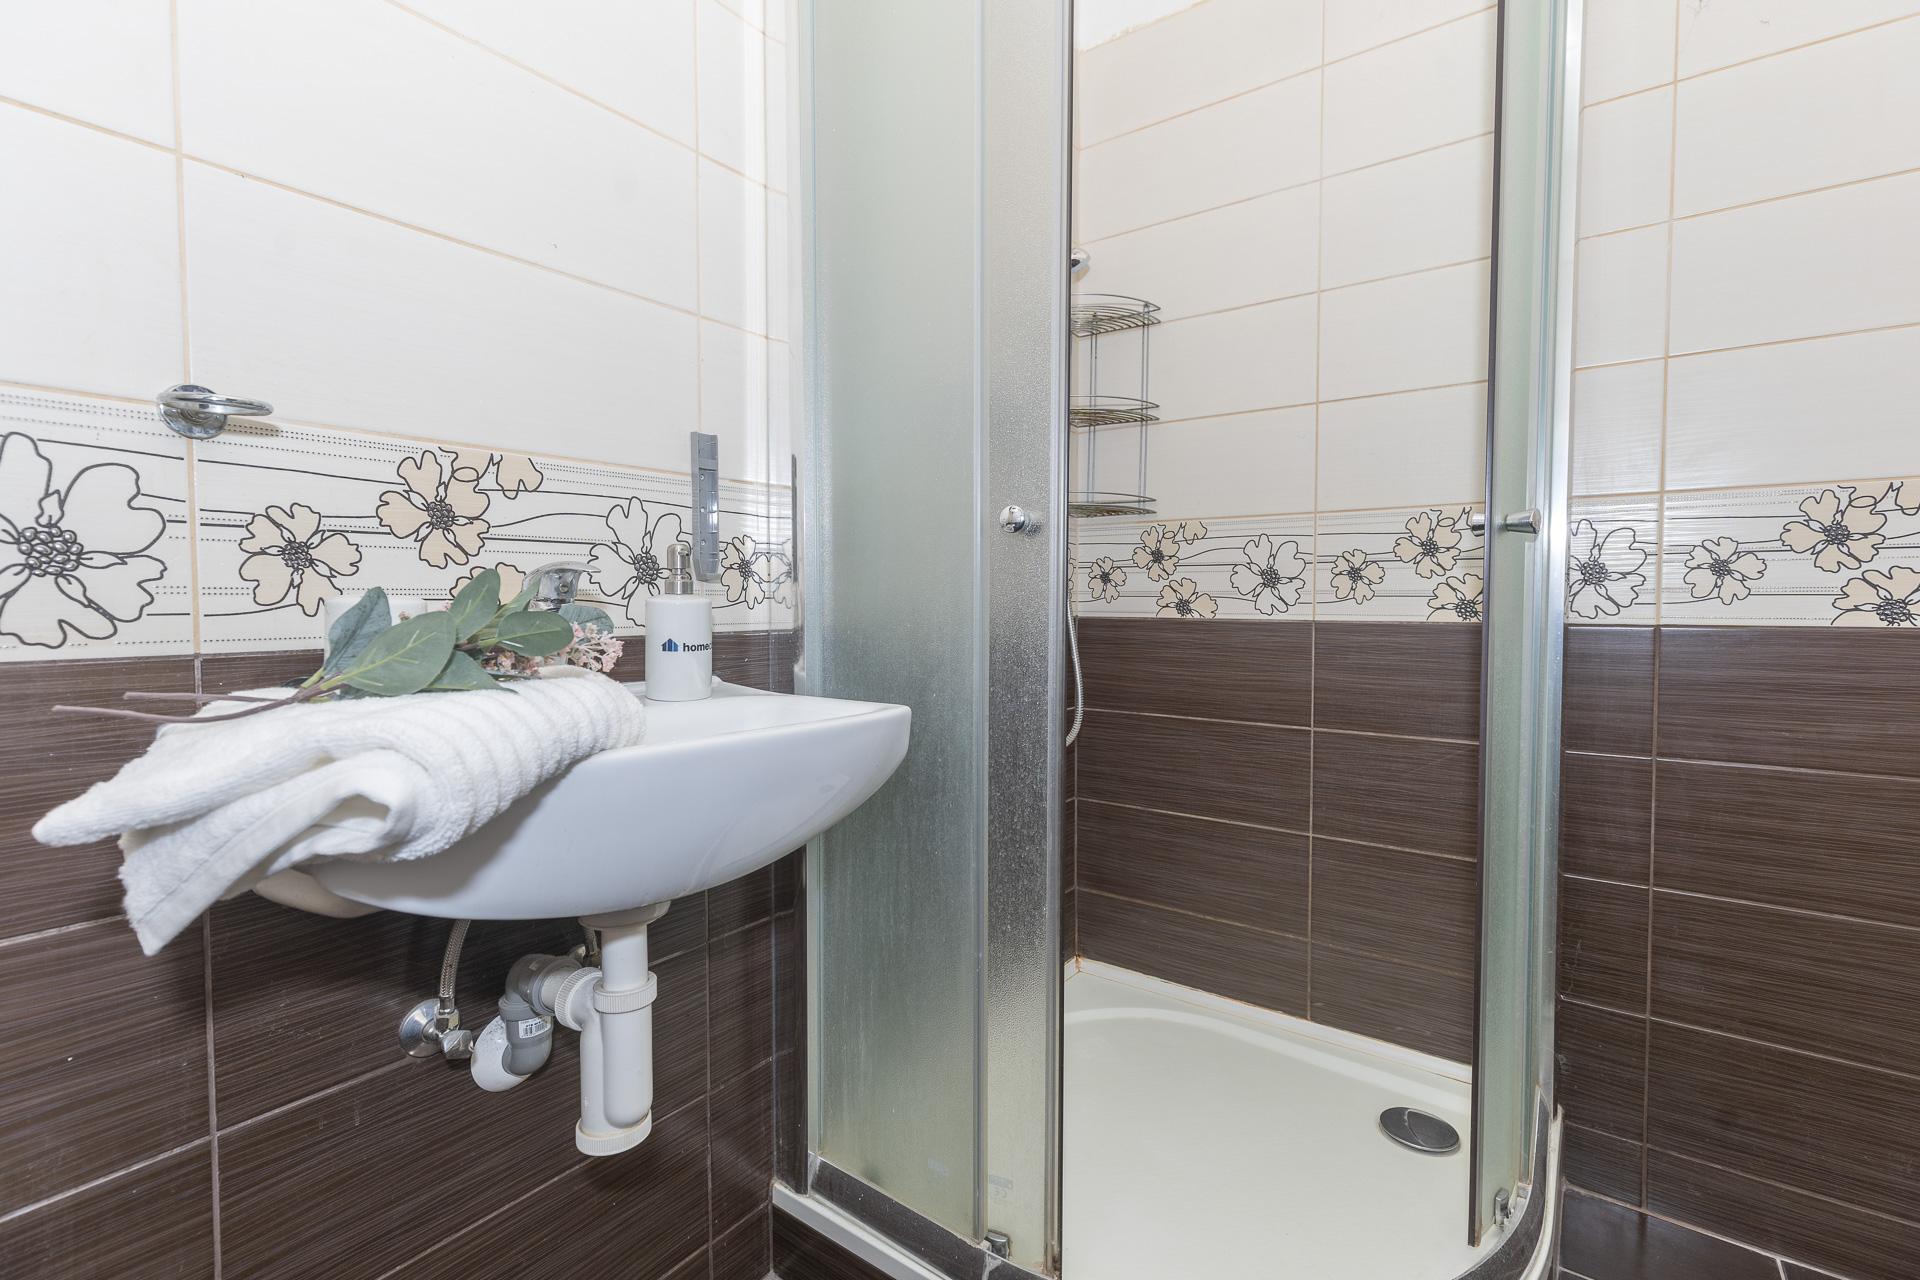 koupelna se sprchovým koutem a dekoracemi